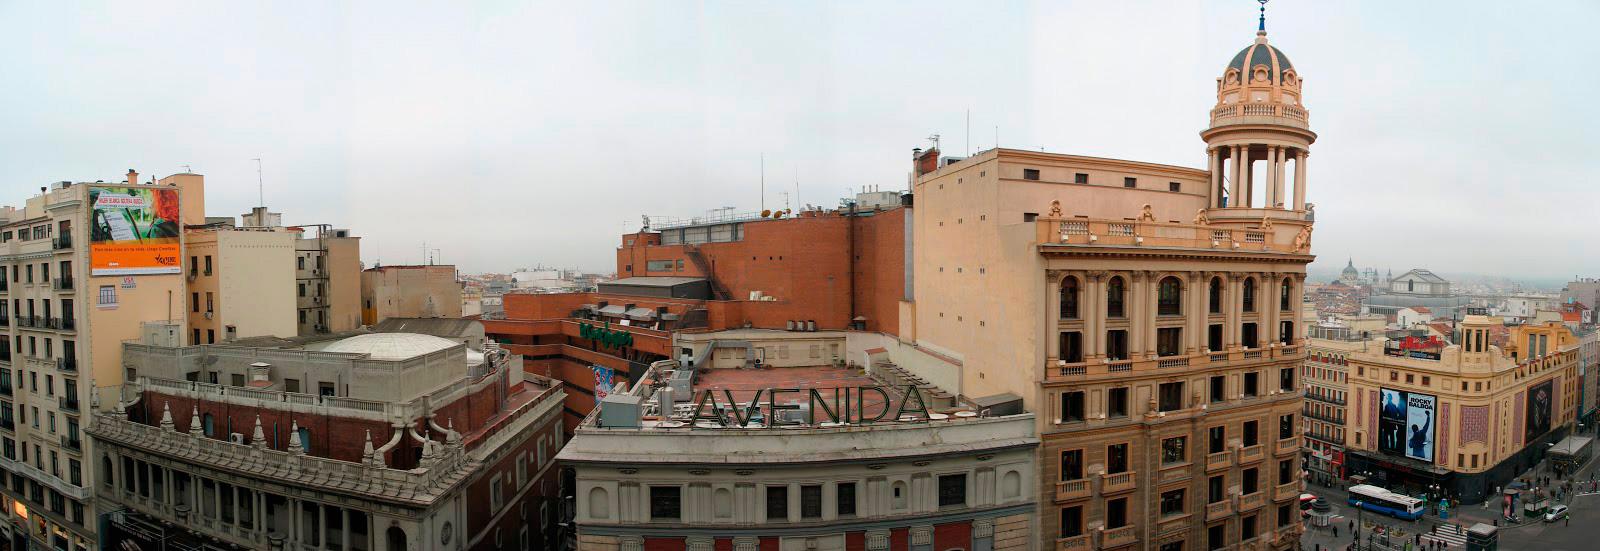 Cines Avenida y Palacio de la Música